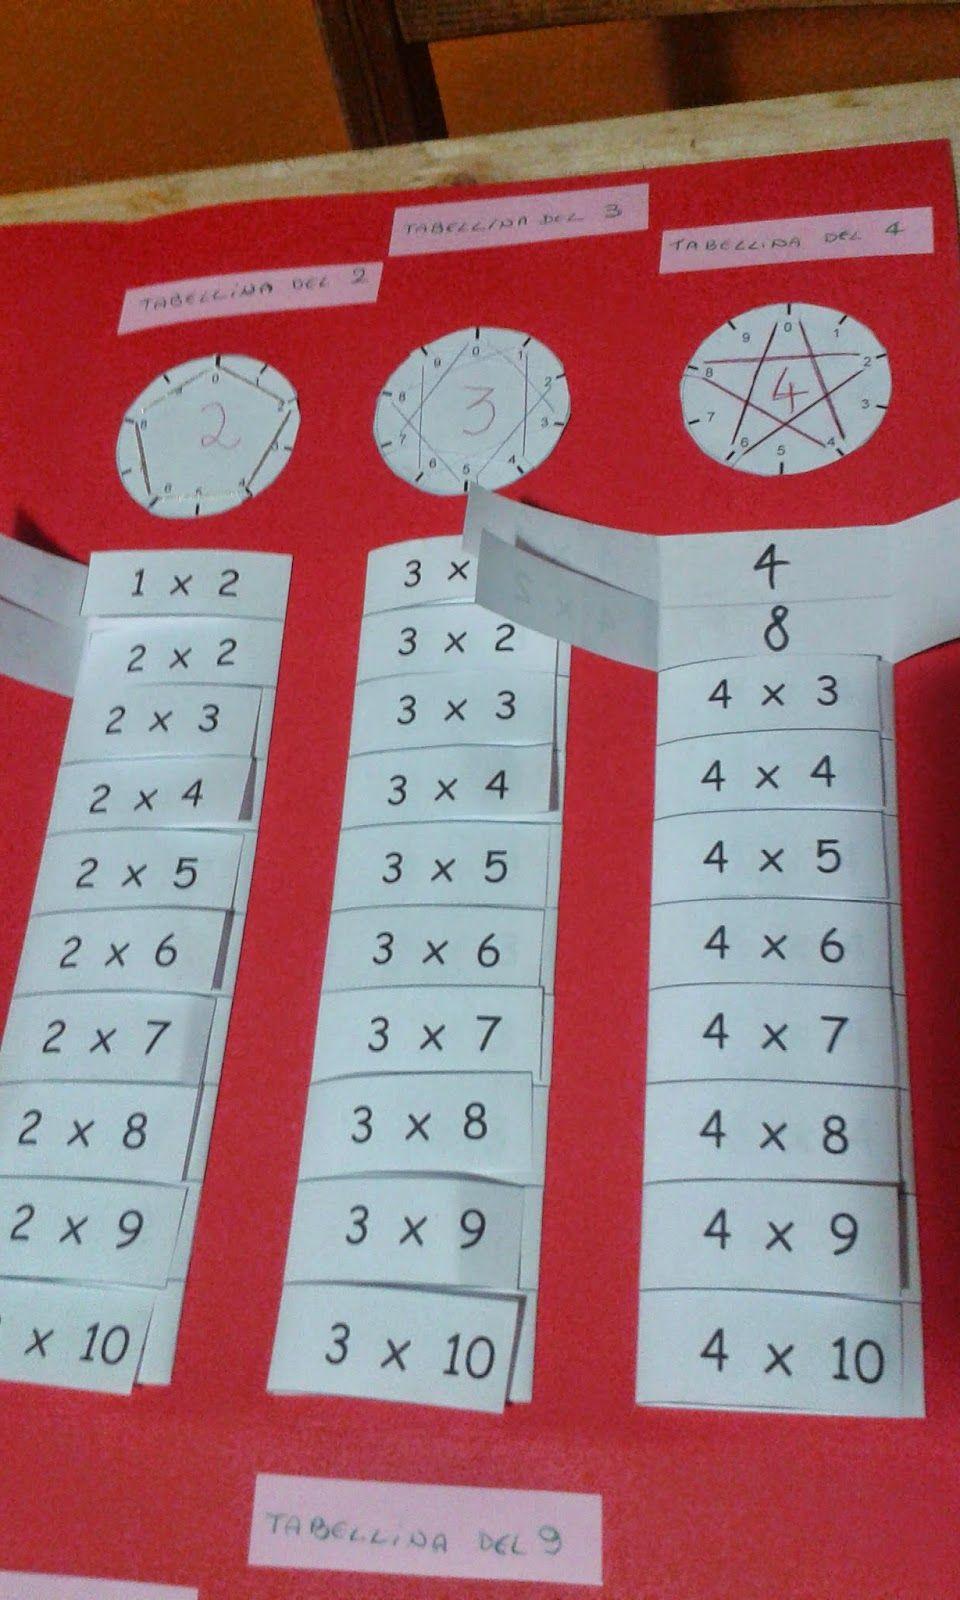 mamma e mimma: Lapbook delle tabelline | Matematika | Pinterest ...